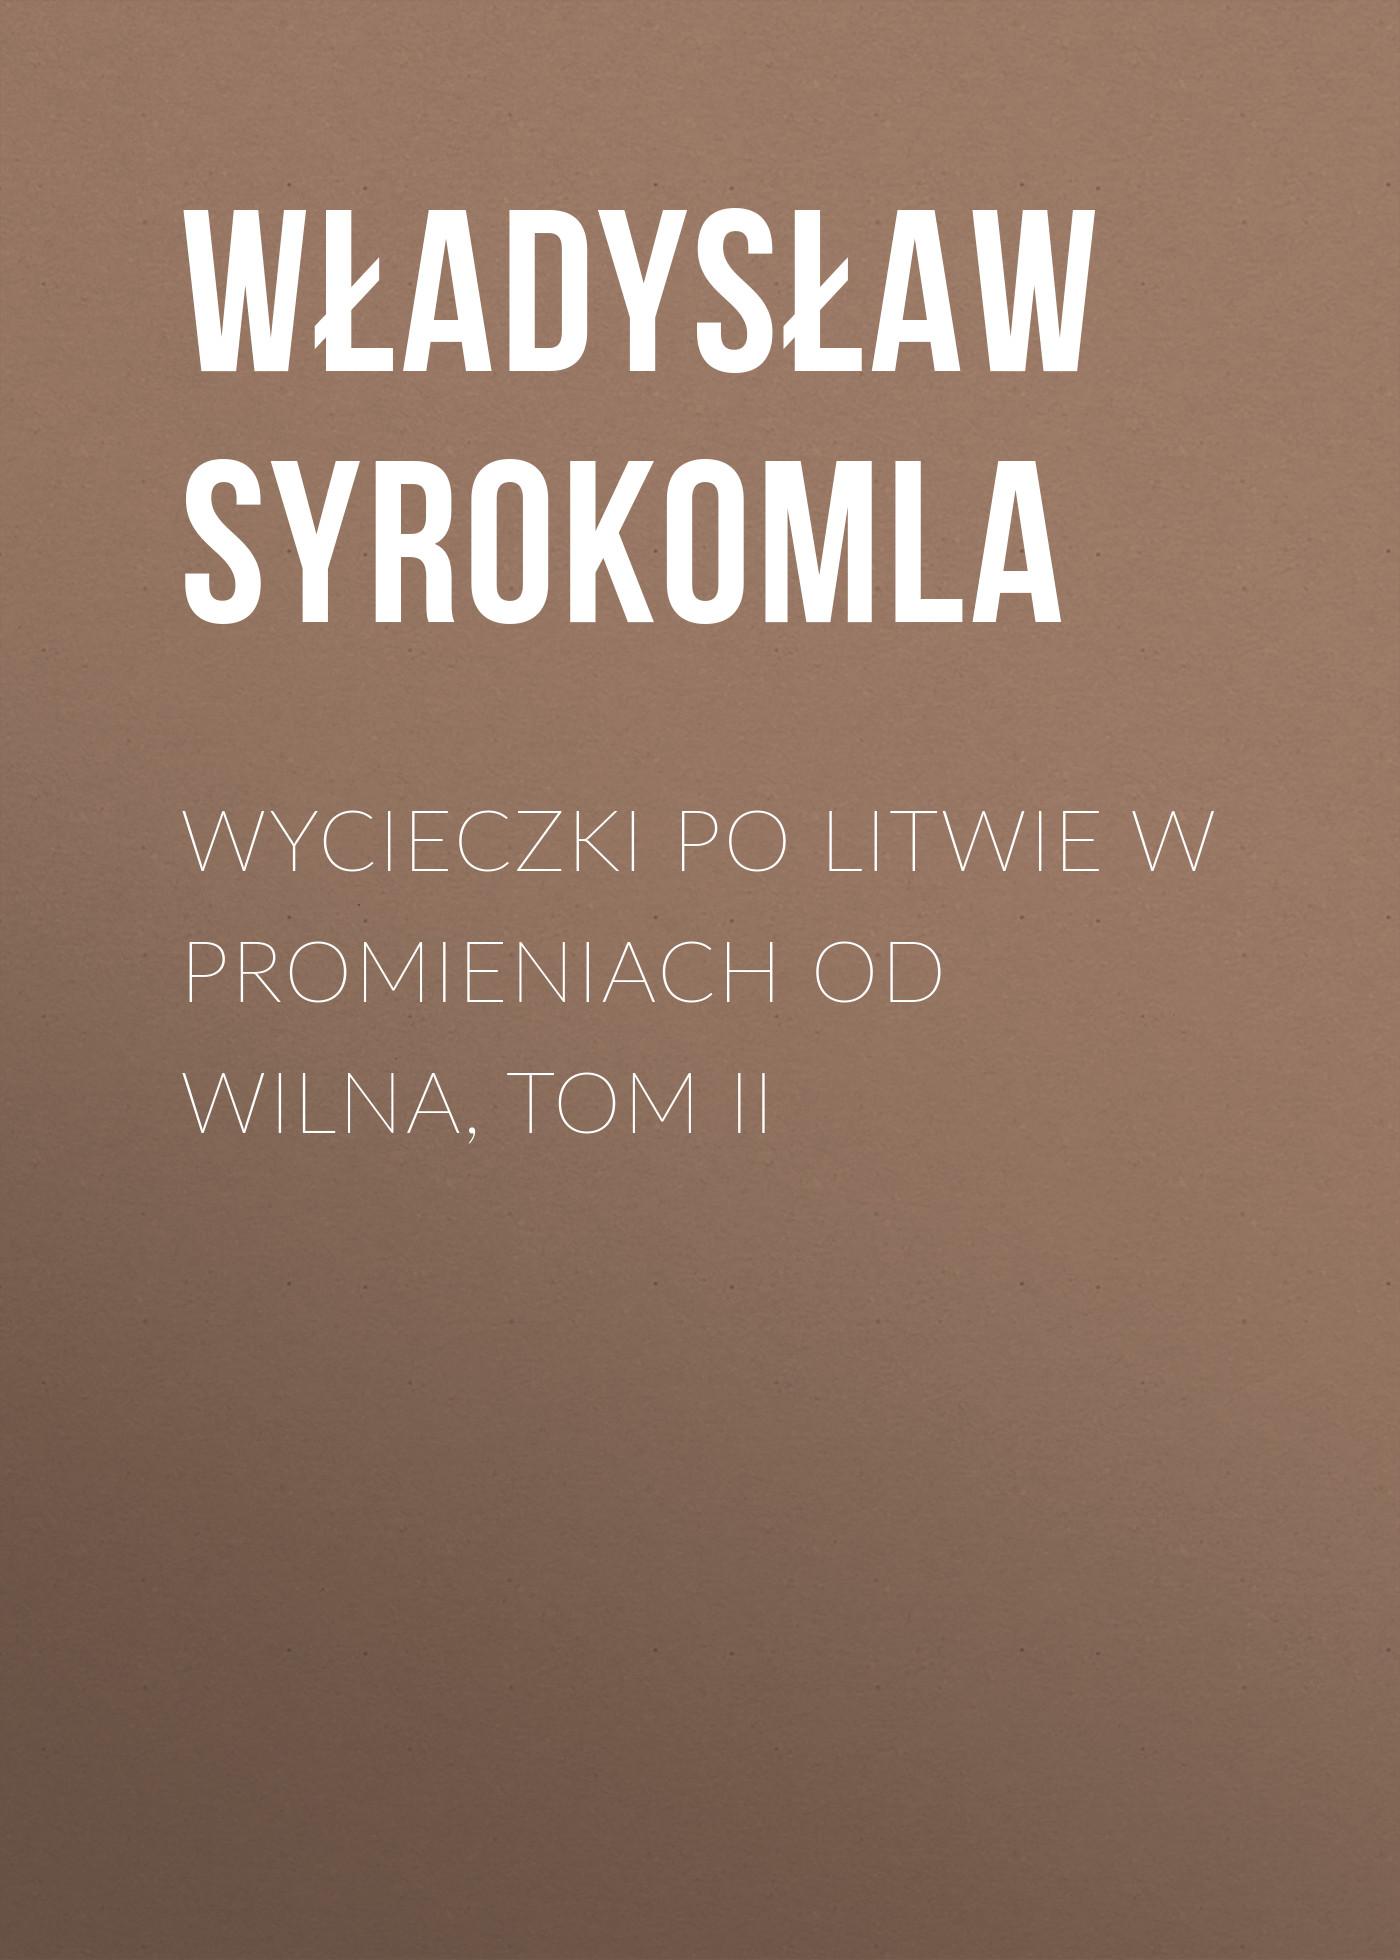 Wycieczki po Litwie w promieniach od Wilna, tom II